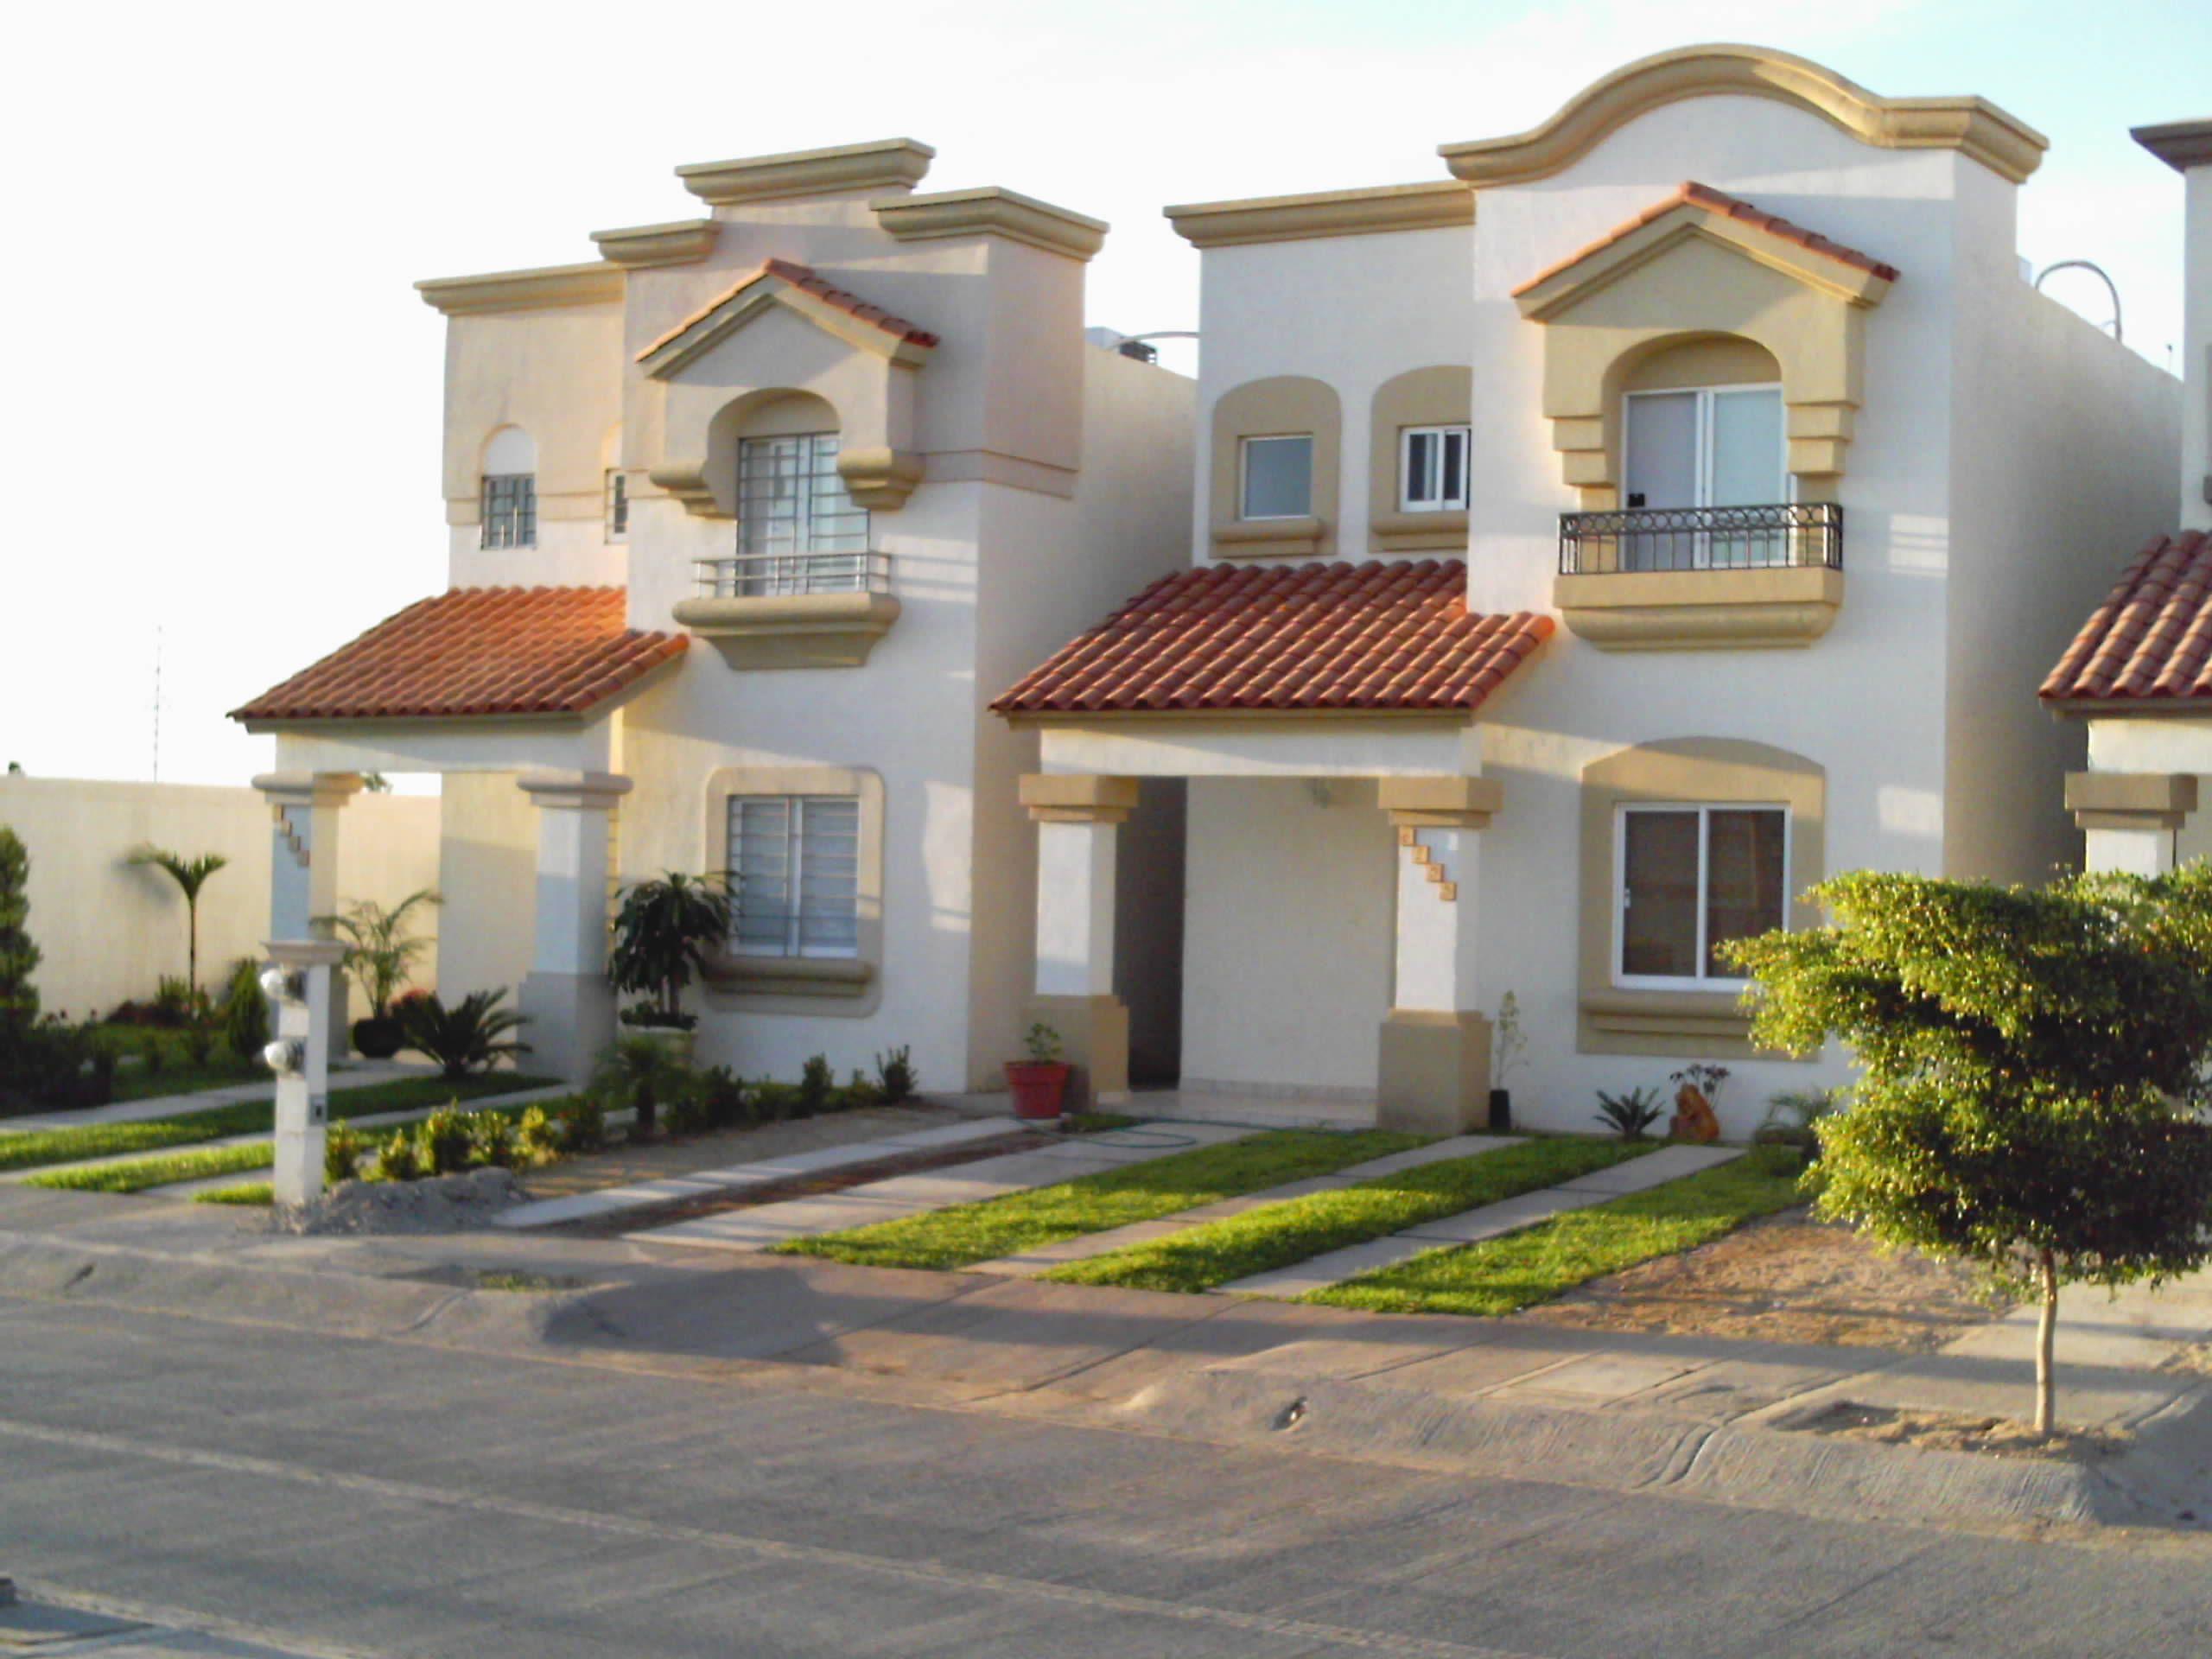 Pin de yrama hern ndez en porshe house house styles y for Fachada de casas modernas